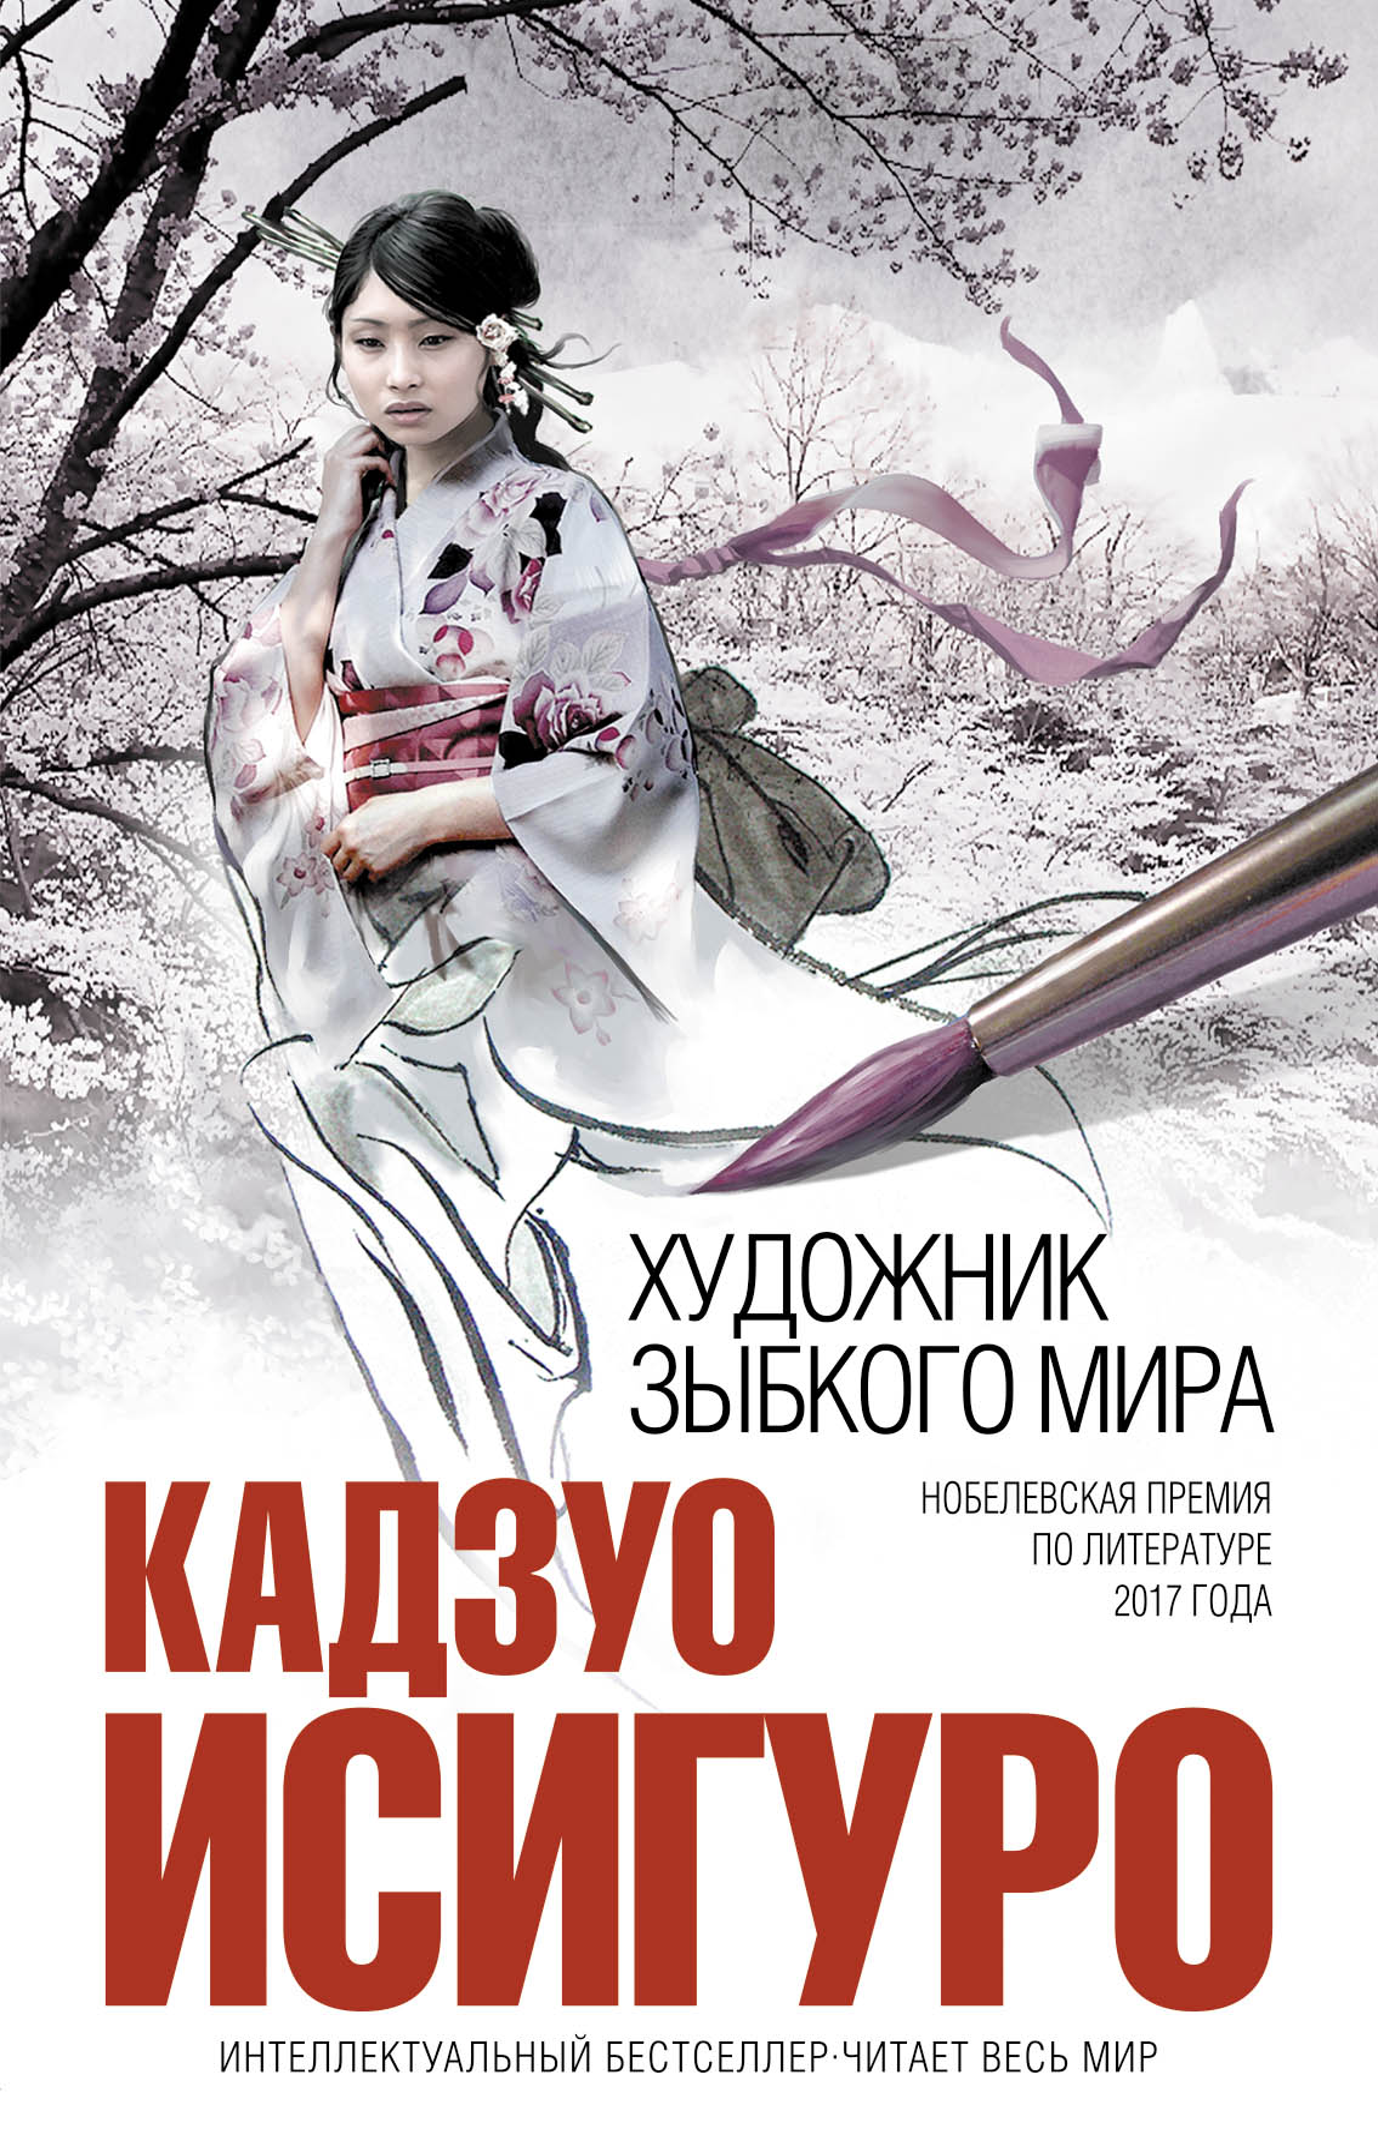 все цены на Кадзуо Исигуро Художник зыбкого мира онлайн